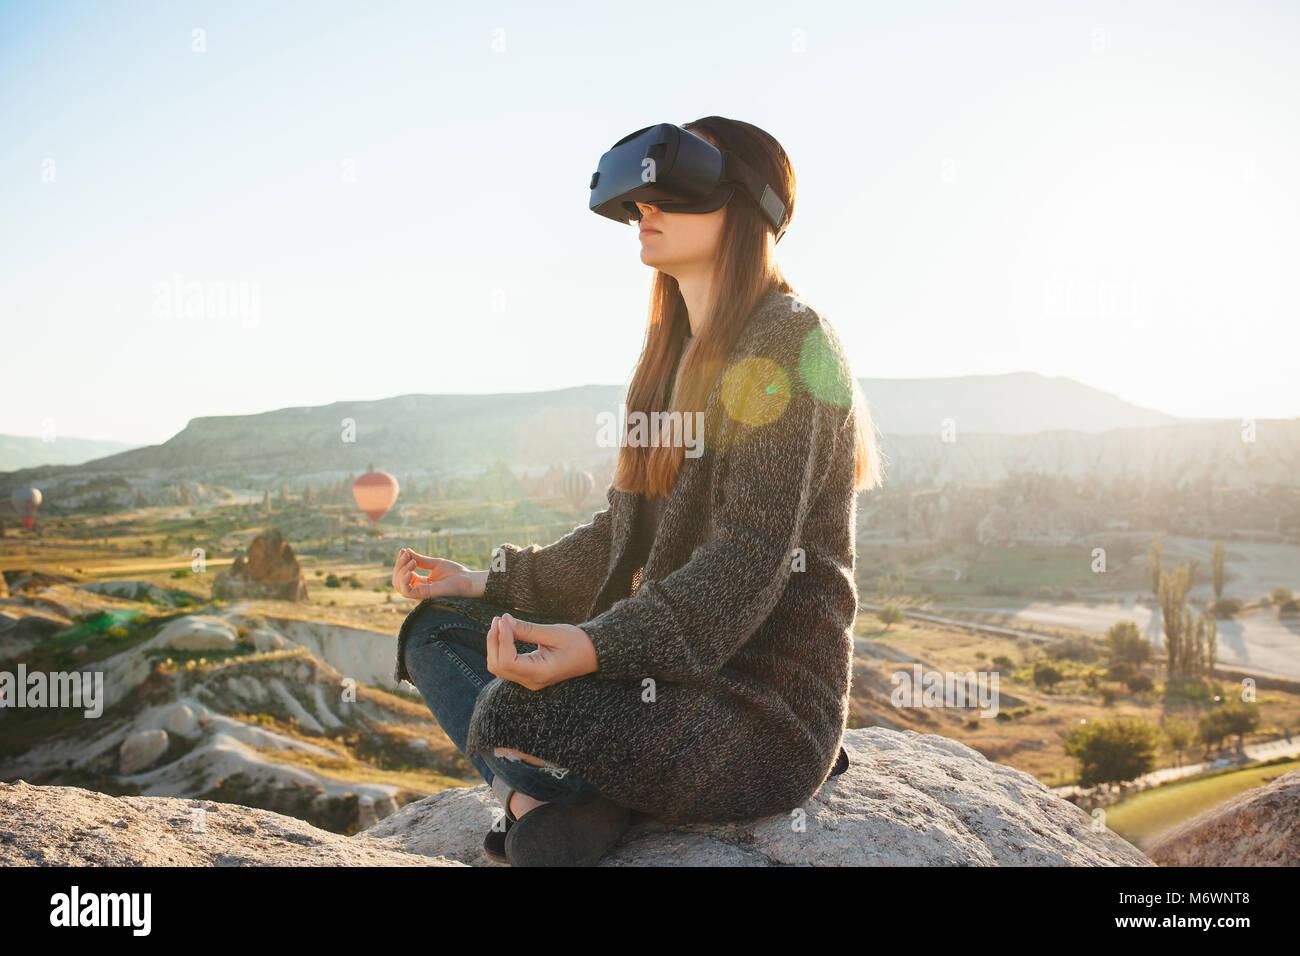 Mujer con gafas de realidad virtual. La tecnología del futuro concepto. La moderna tecnología de diagnóstico Imagen De Stock